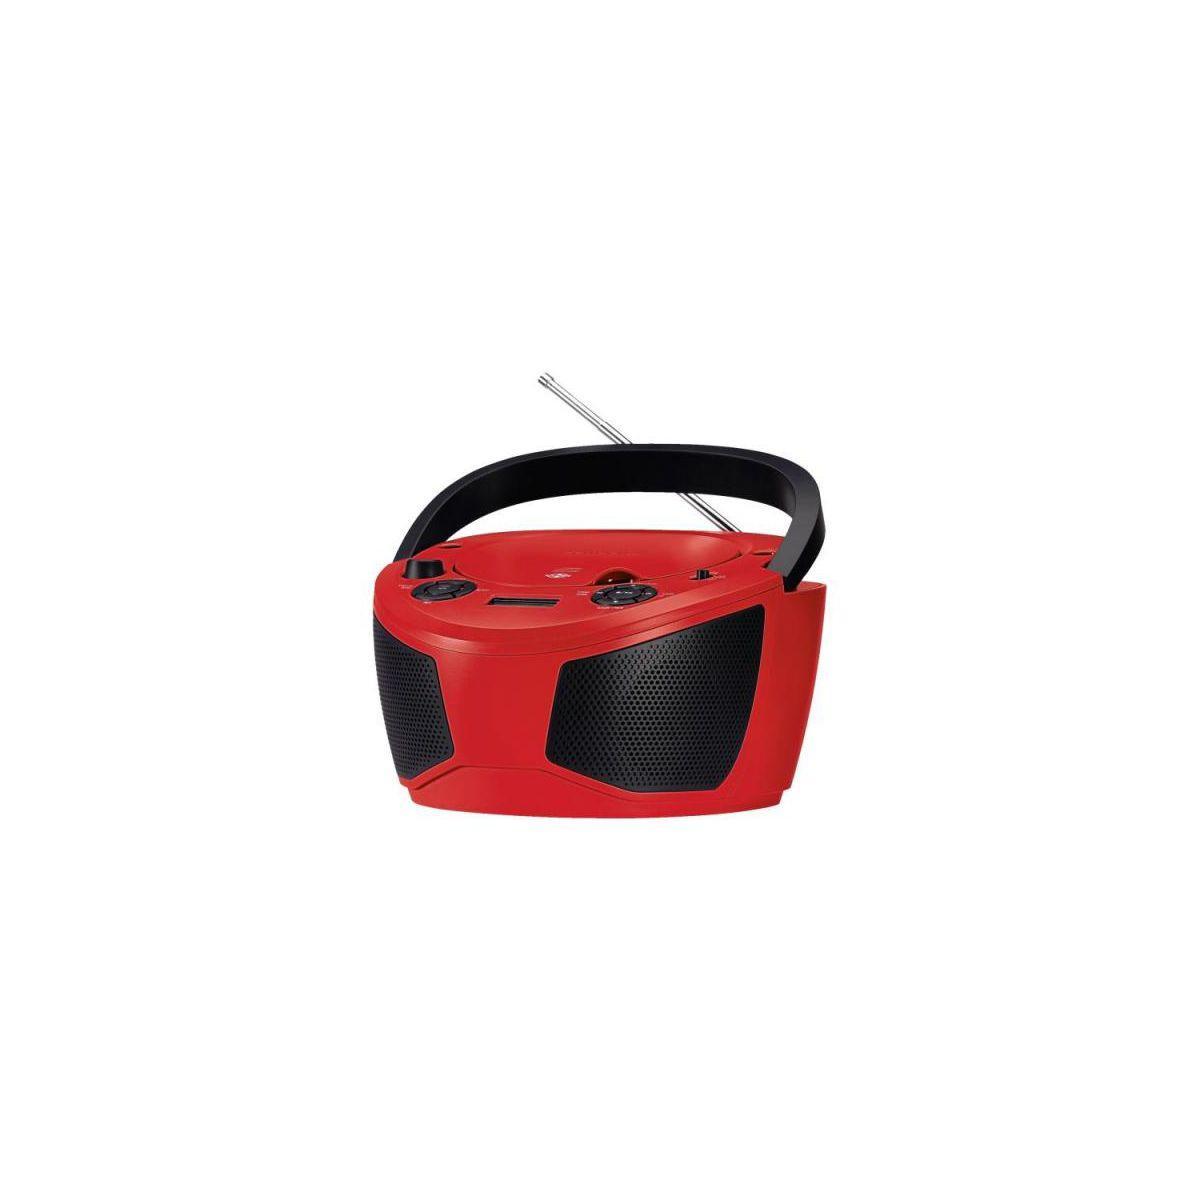 Radio cd grundig rcd1050re rouge - livraison offerte avec le code nouveaute